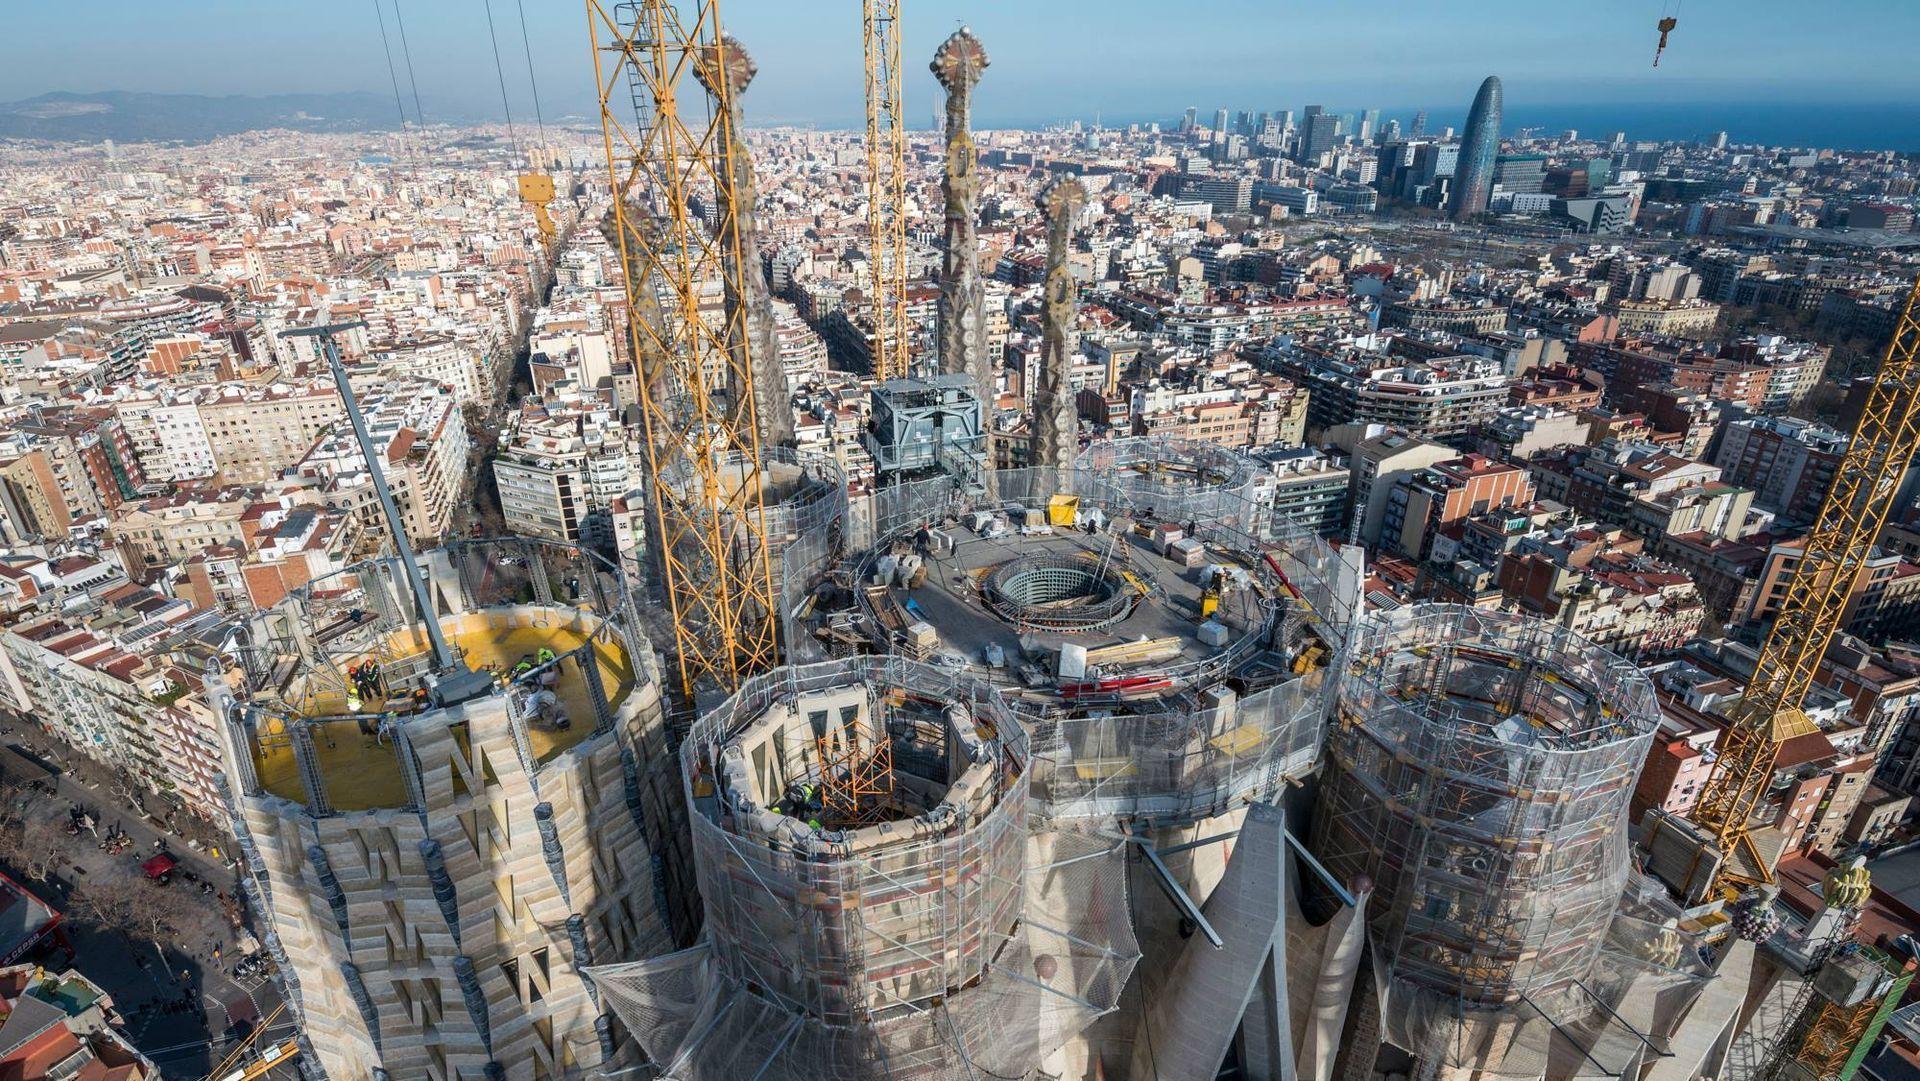 Fortsatt gjenstår det mye arbeid før La Sagrada Família er ventet å stå ferdig i 2026.